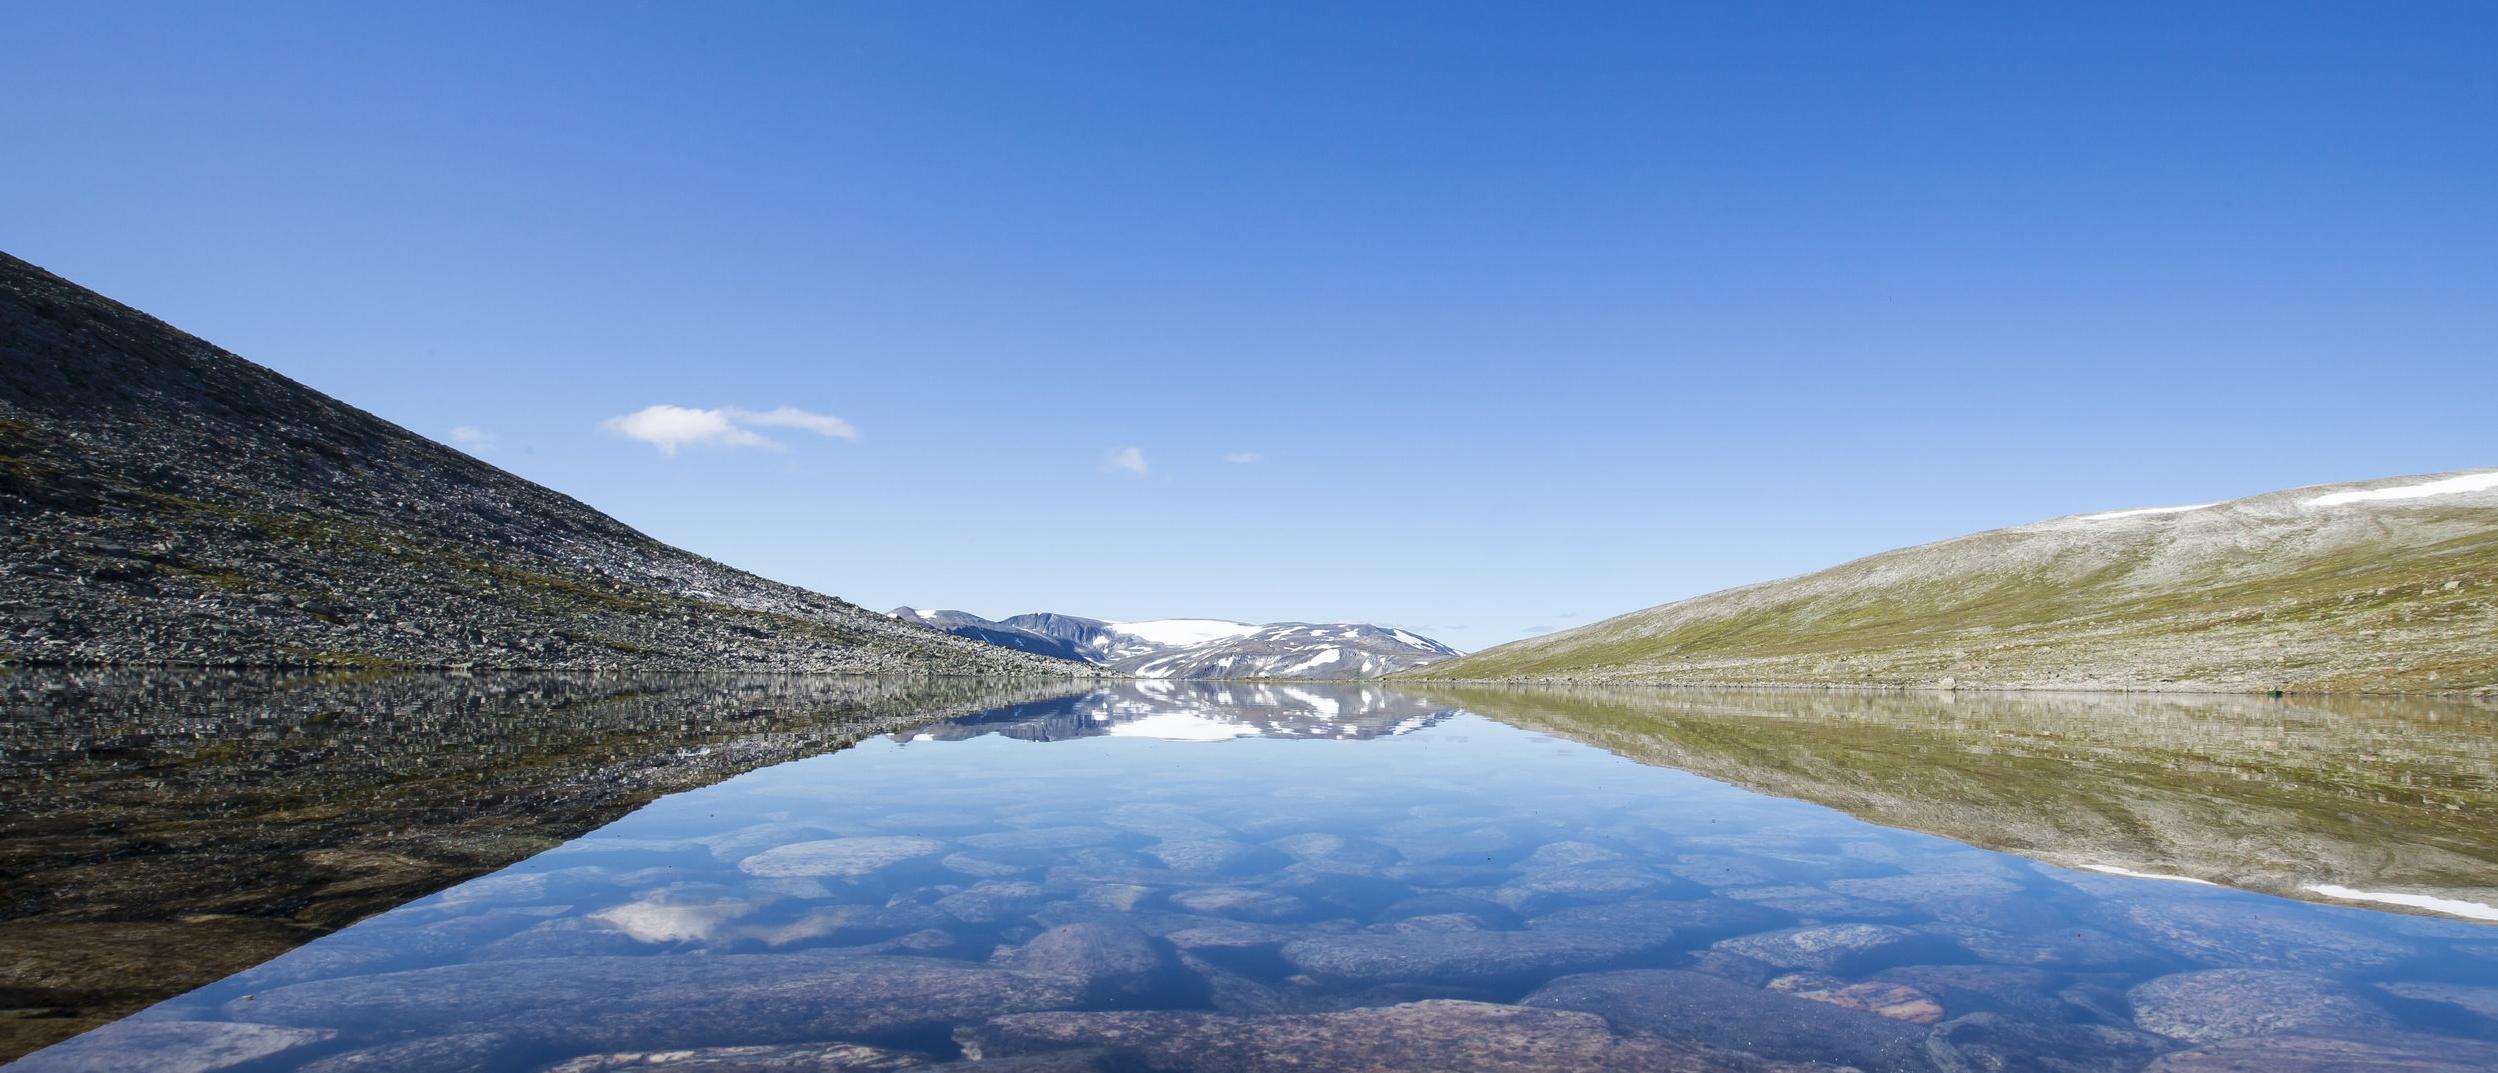 Foto: Tor Landløpet